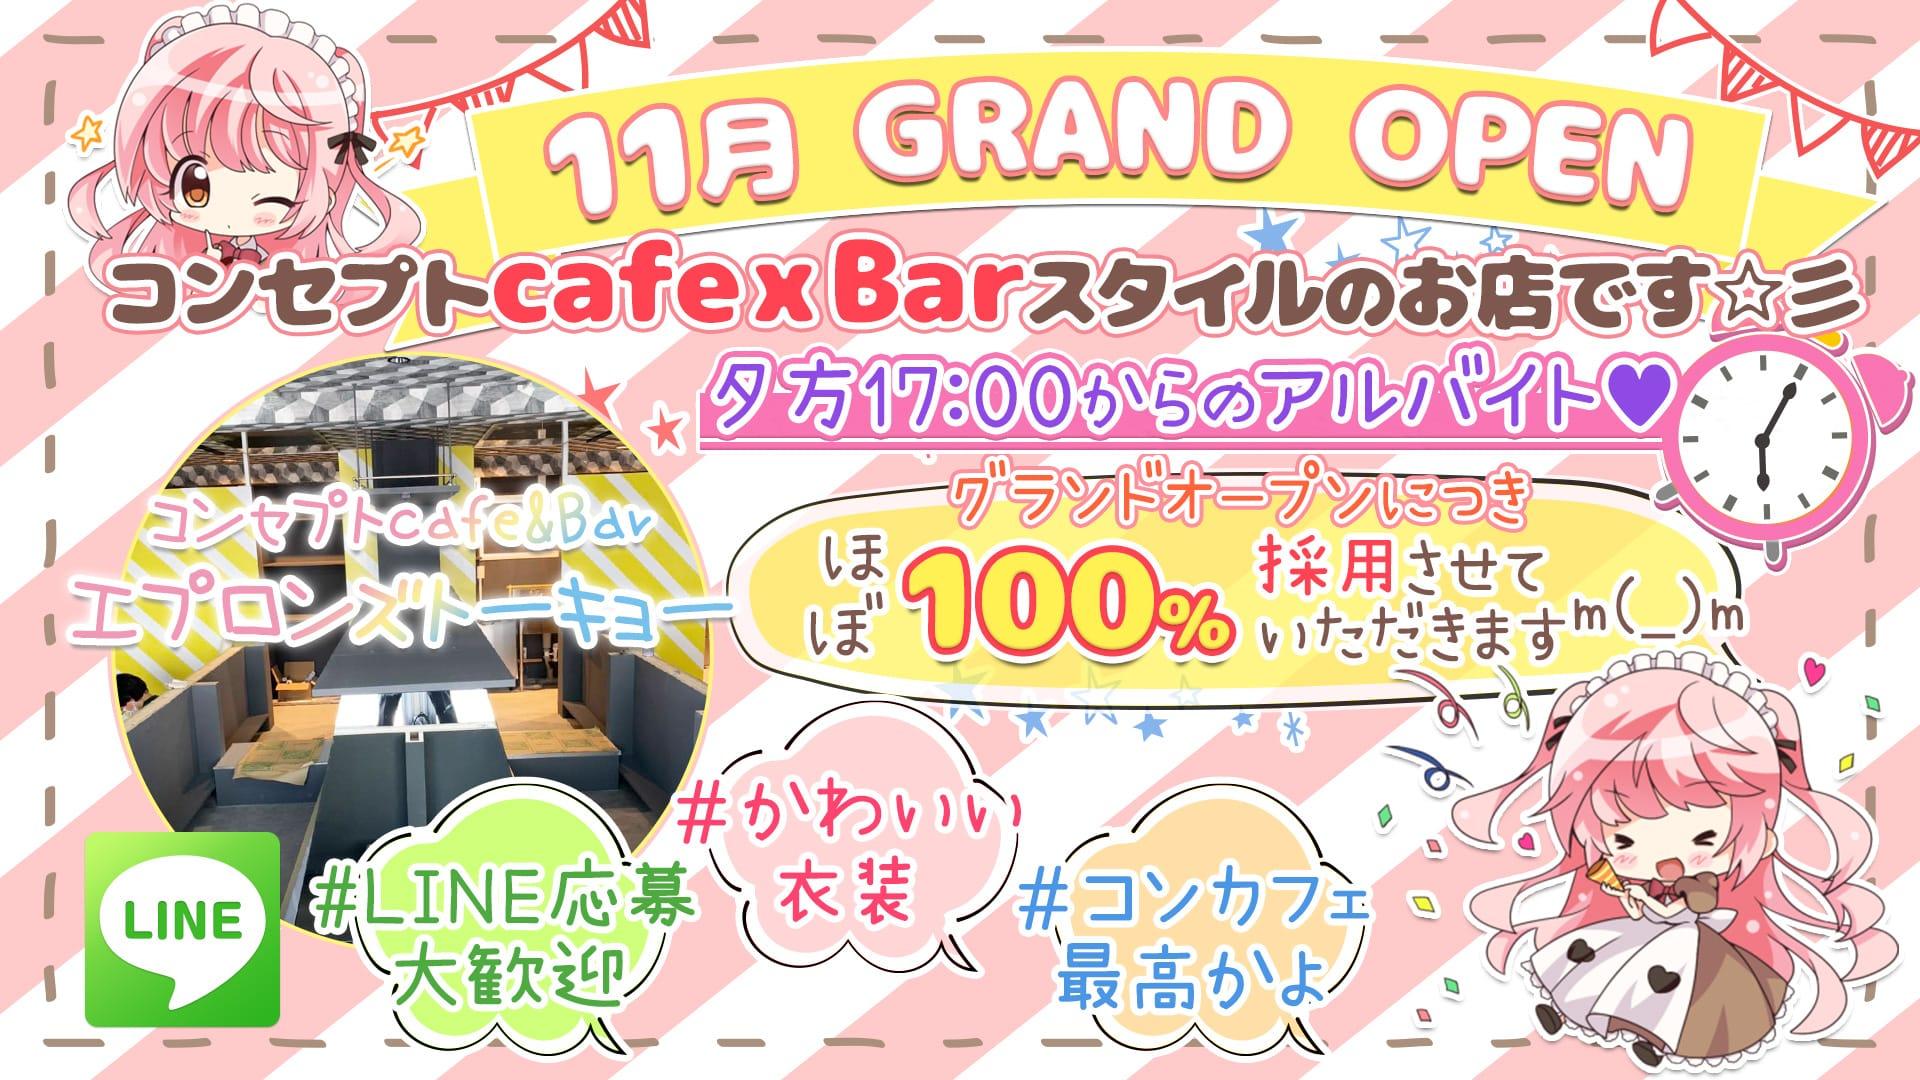 コンセプトcafe&Bar エプロンズ トーキョー 新橋ガールズバー TOP画像